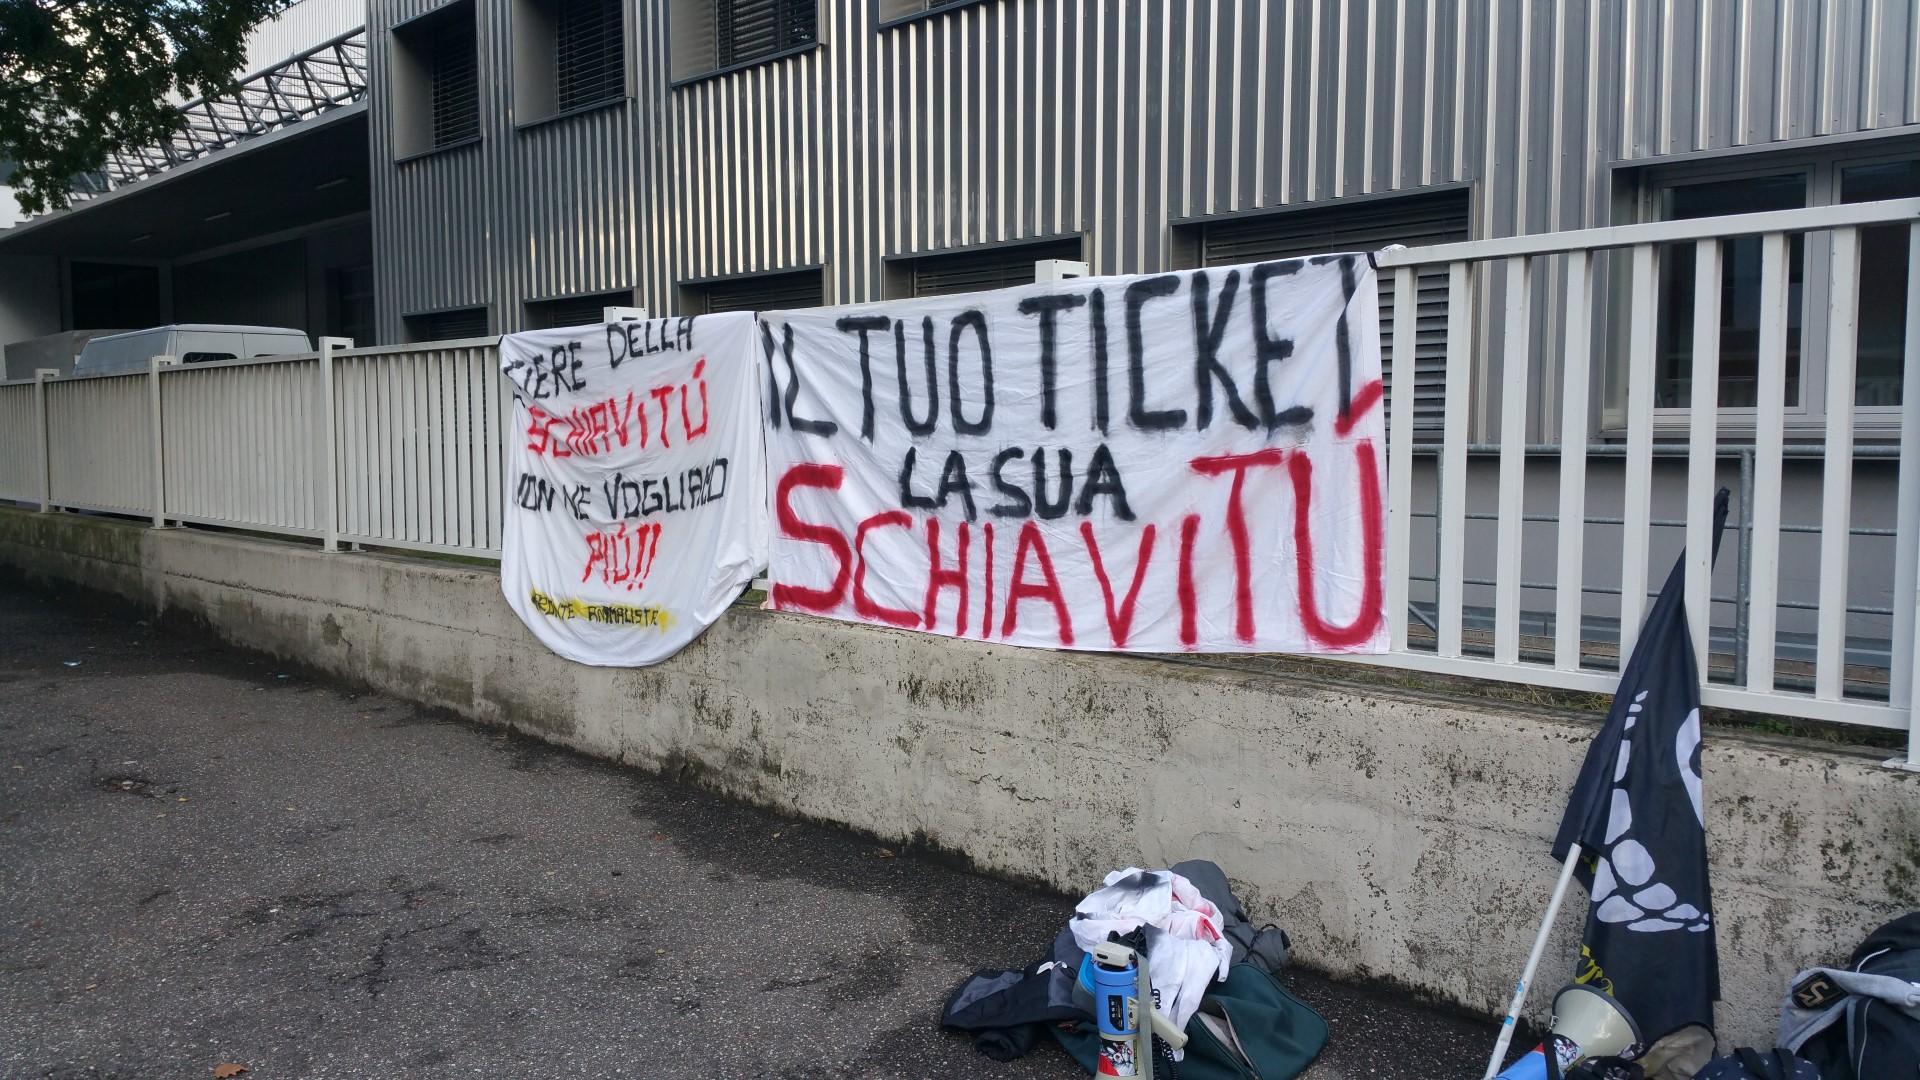 20161015 160833 - Fronte animalista Bolzano - Manifestazione Porte aperte 10 anni della casa della zootecnia